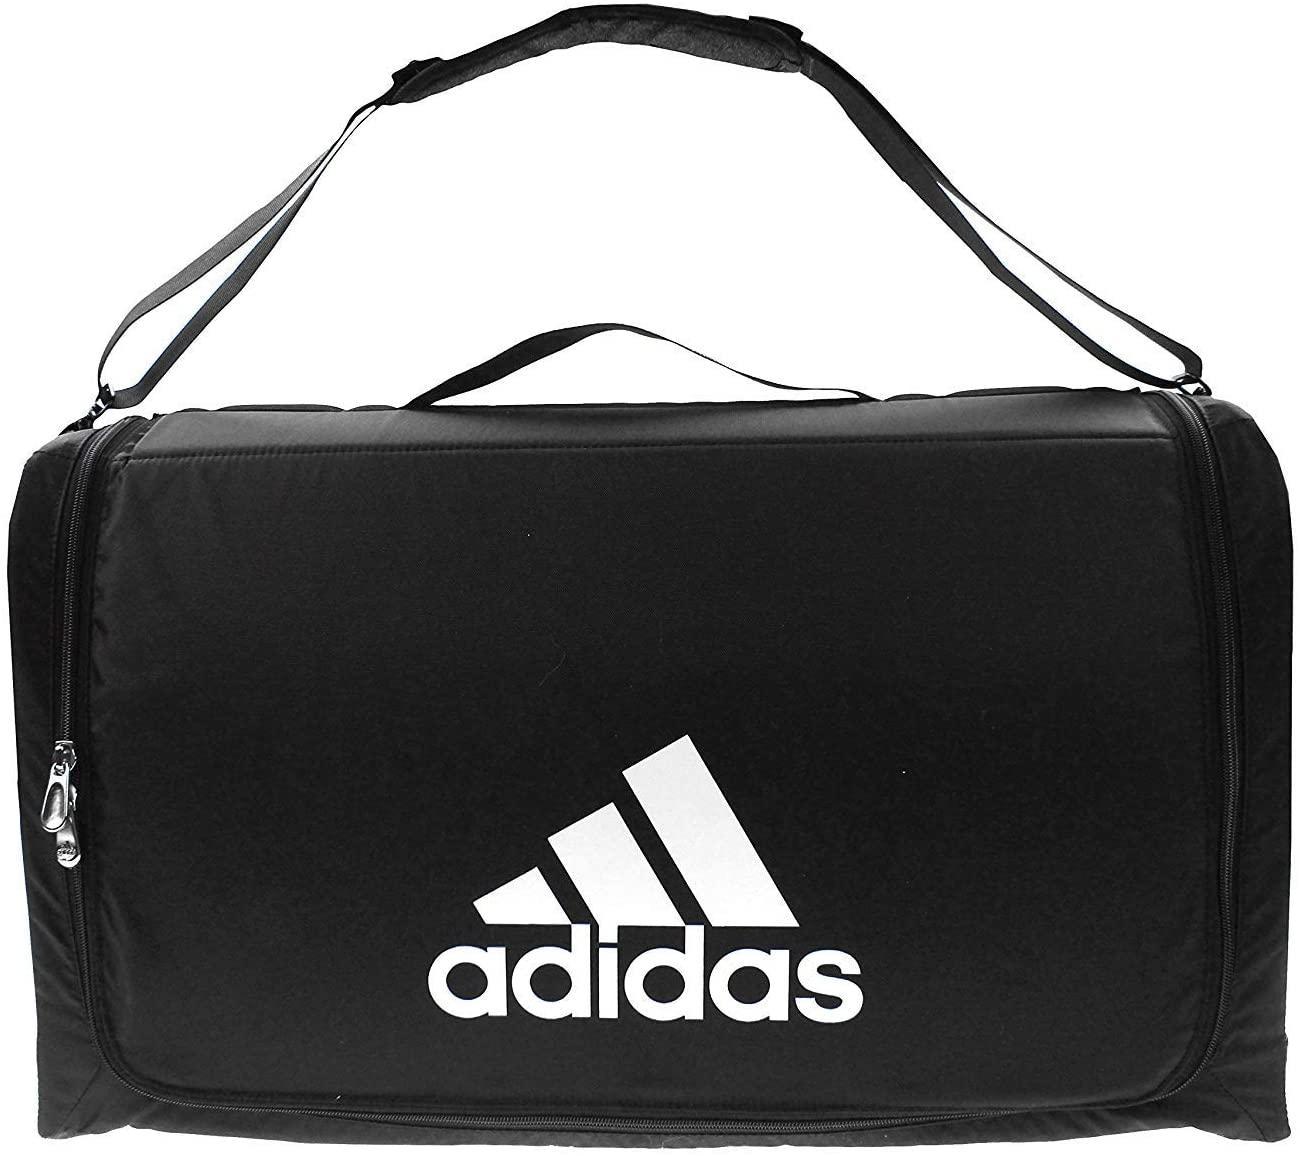 Adidas Structured Large Shoulder Travel Bag Carry On Weekender